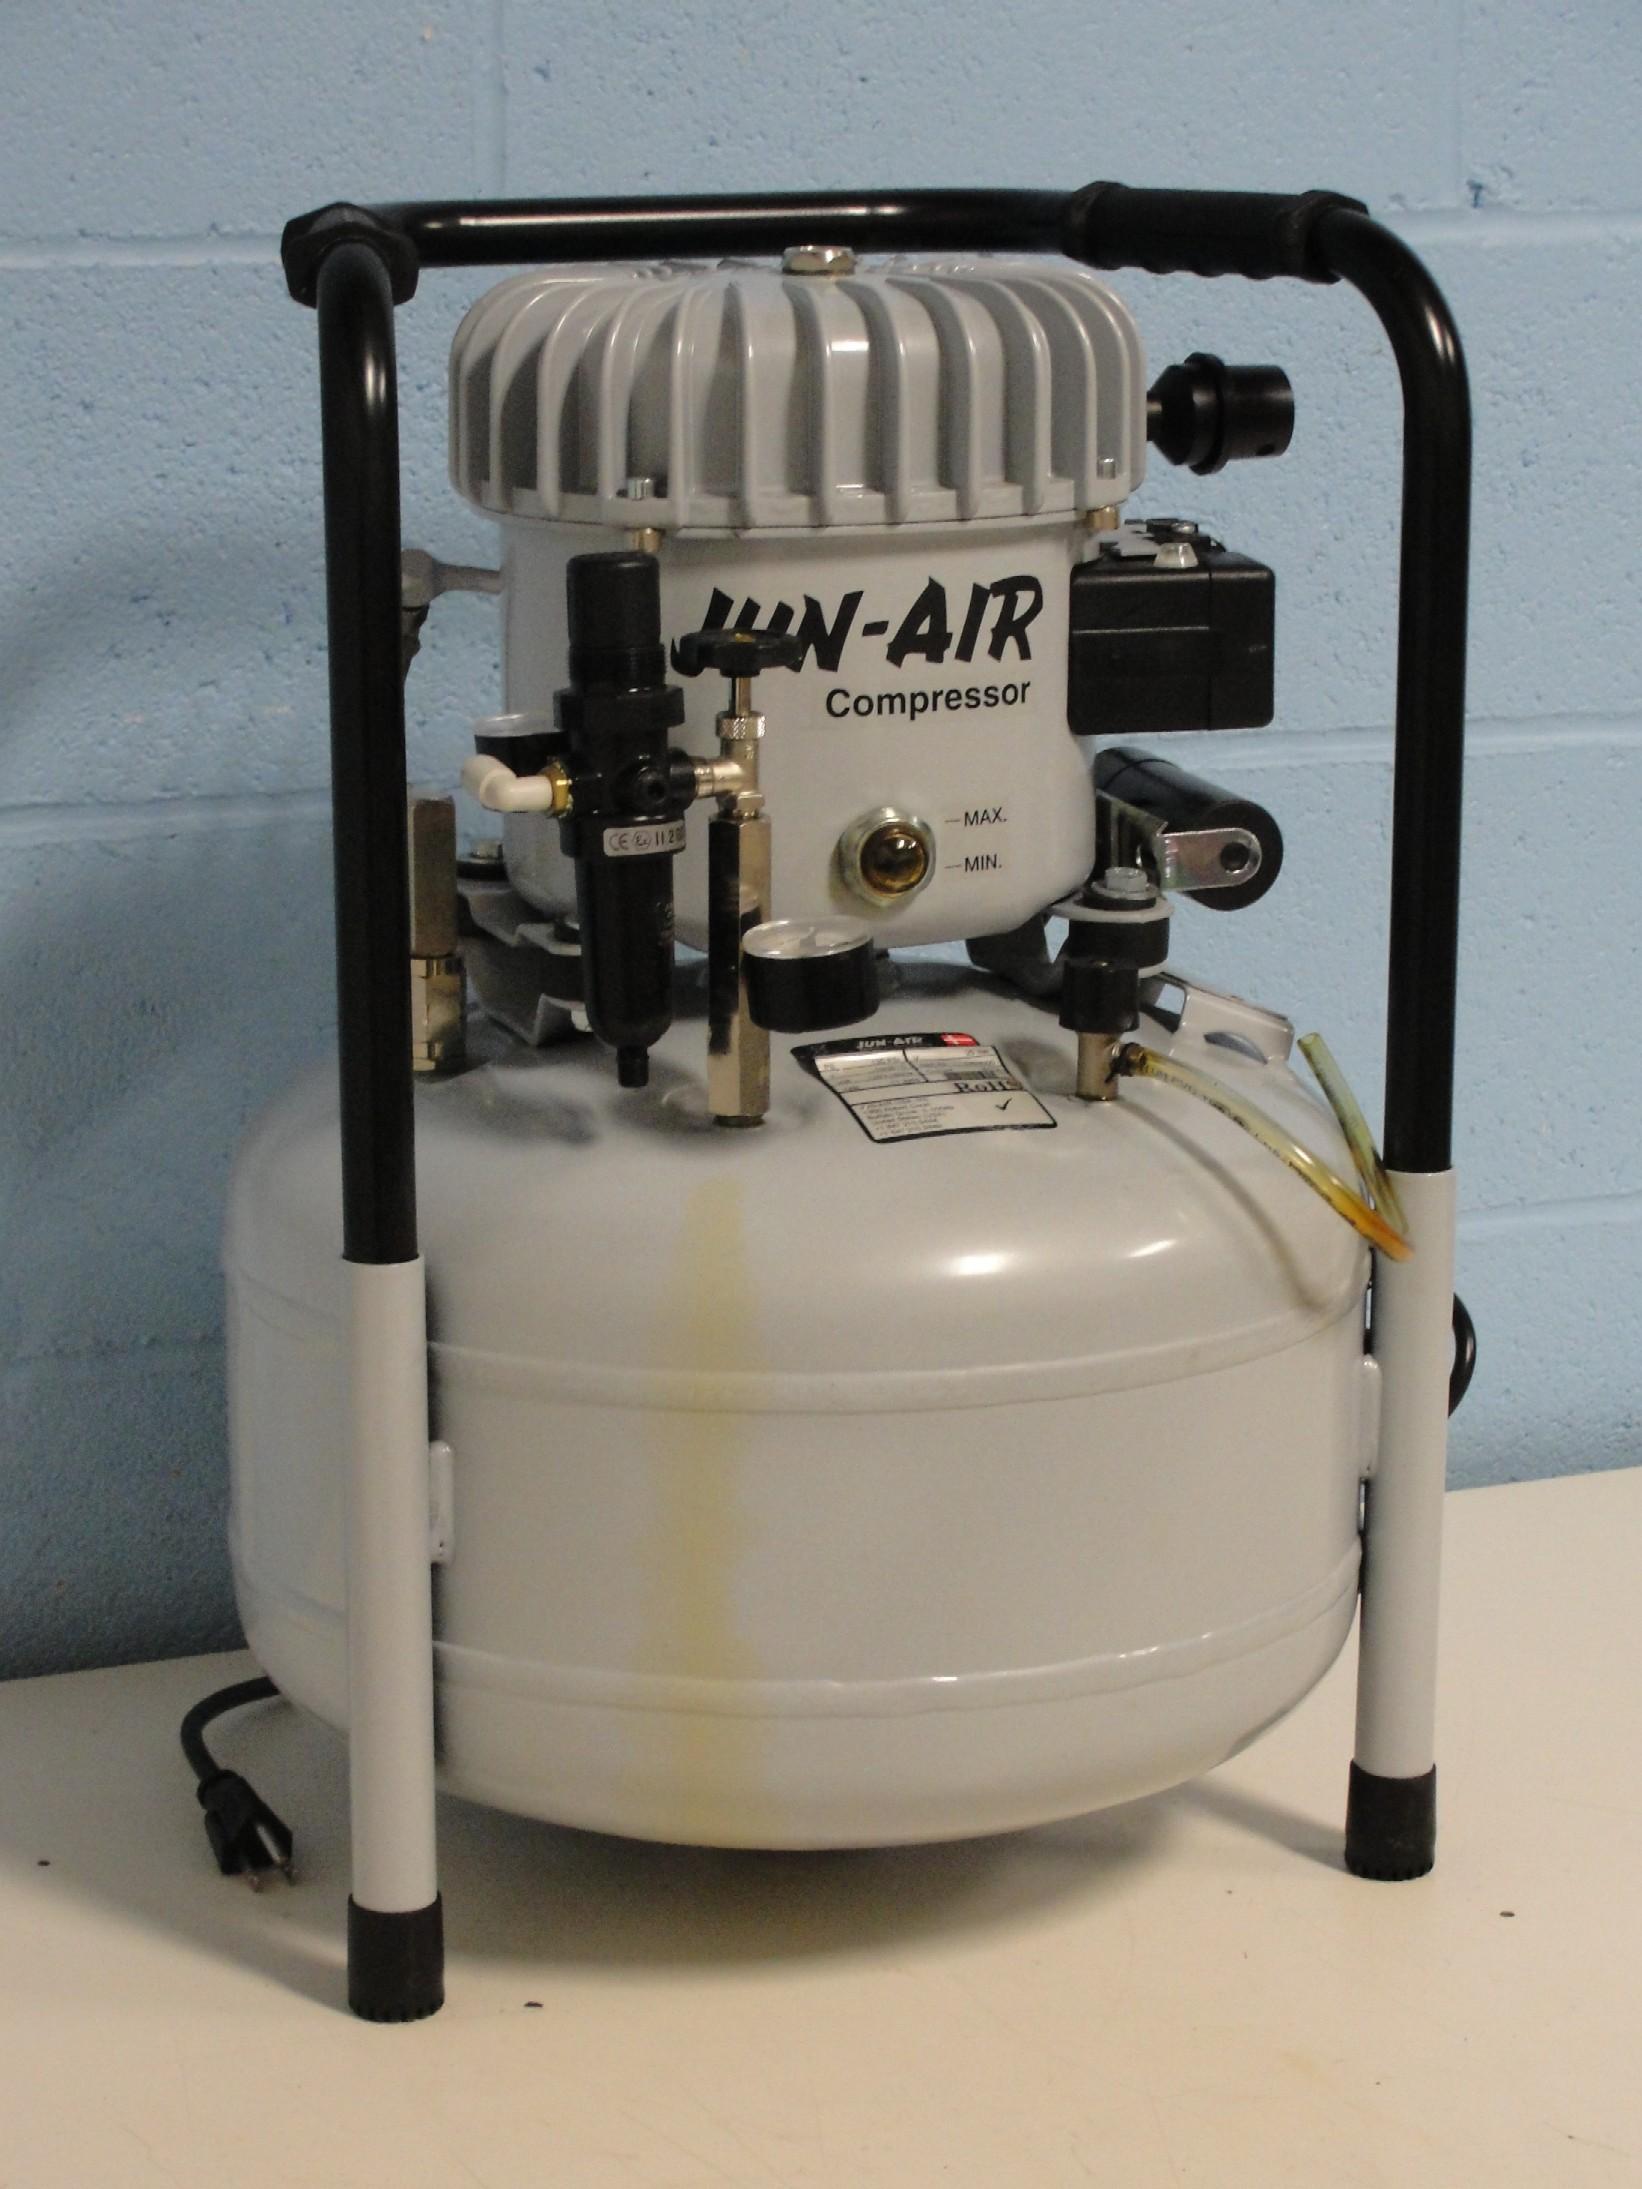 refurbished jun air model 6 25 compressor Cub Cadet Tractor Wiring Diagram jun air model 6 25 compressor image